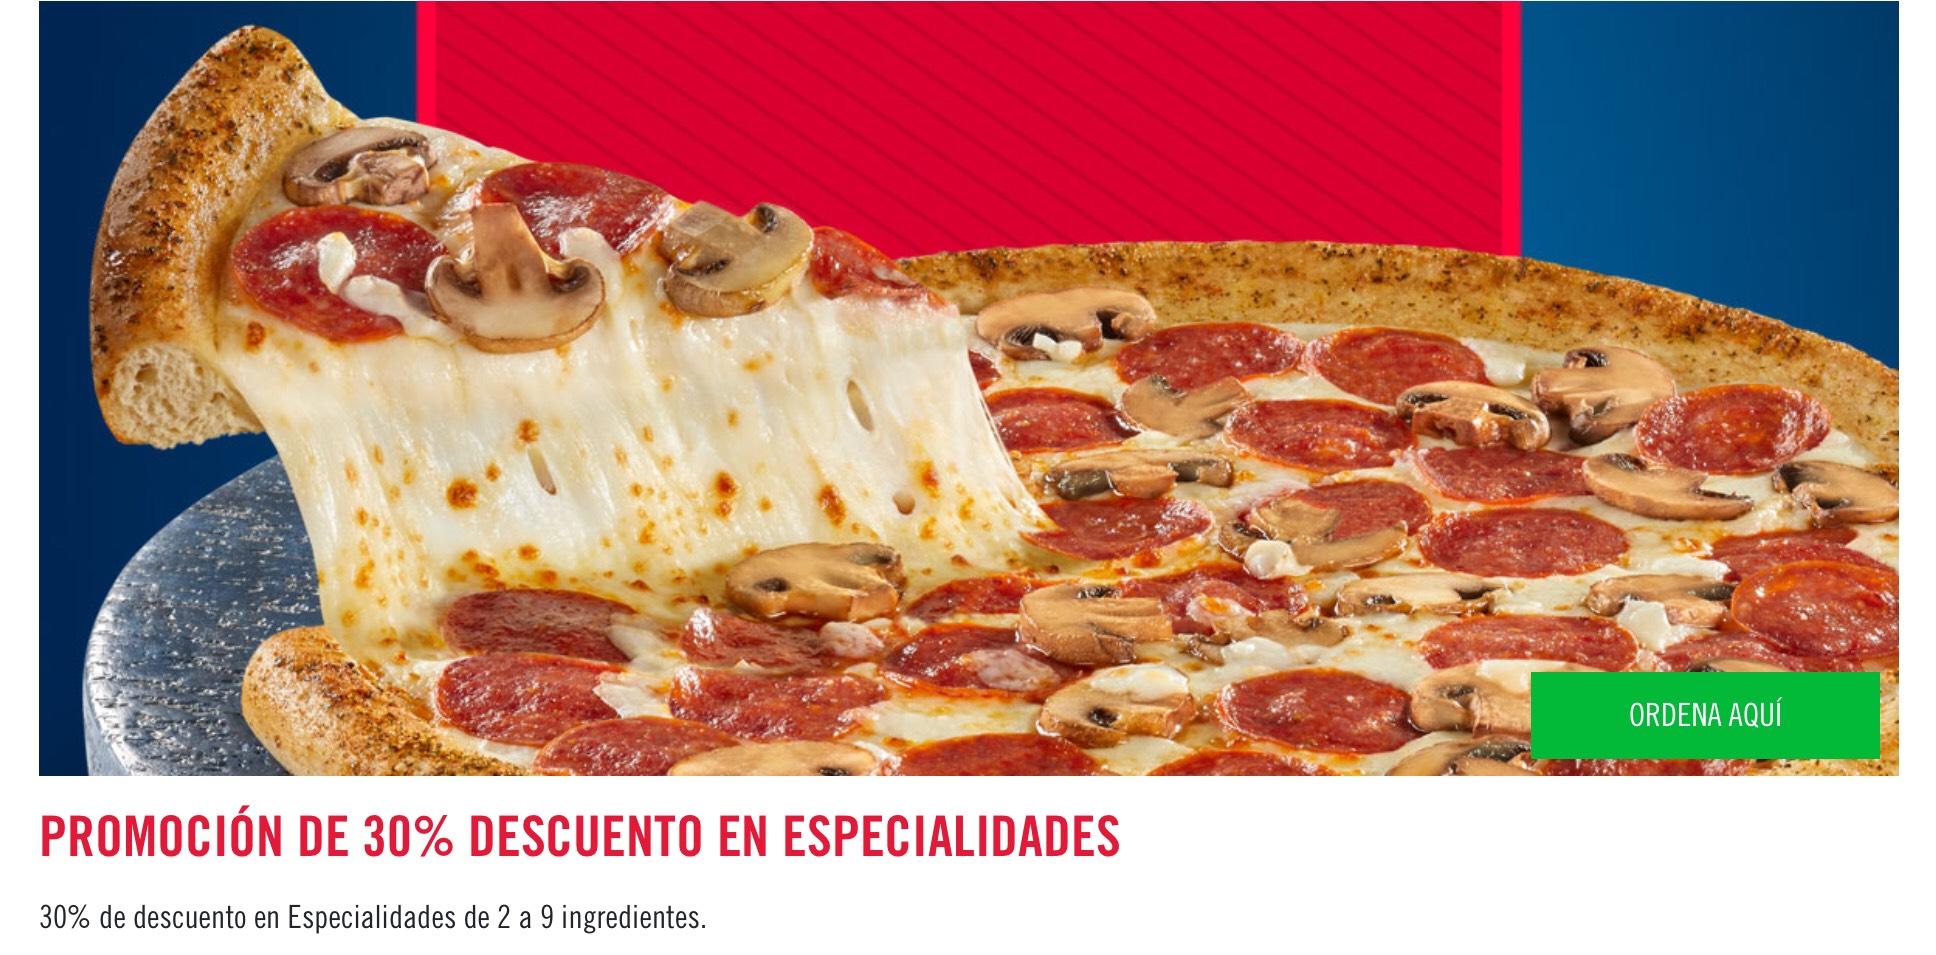 30% de descuento en pizza Dominós de 2 a 9 ingredientes